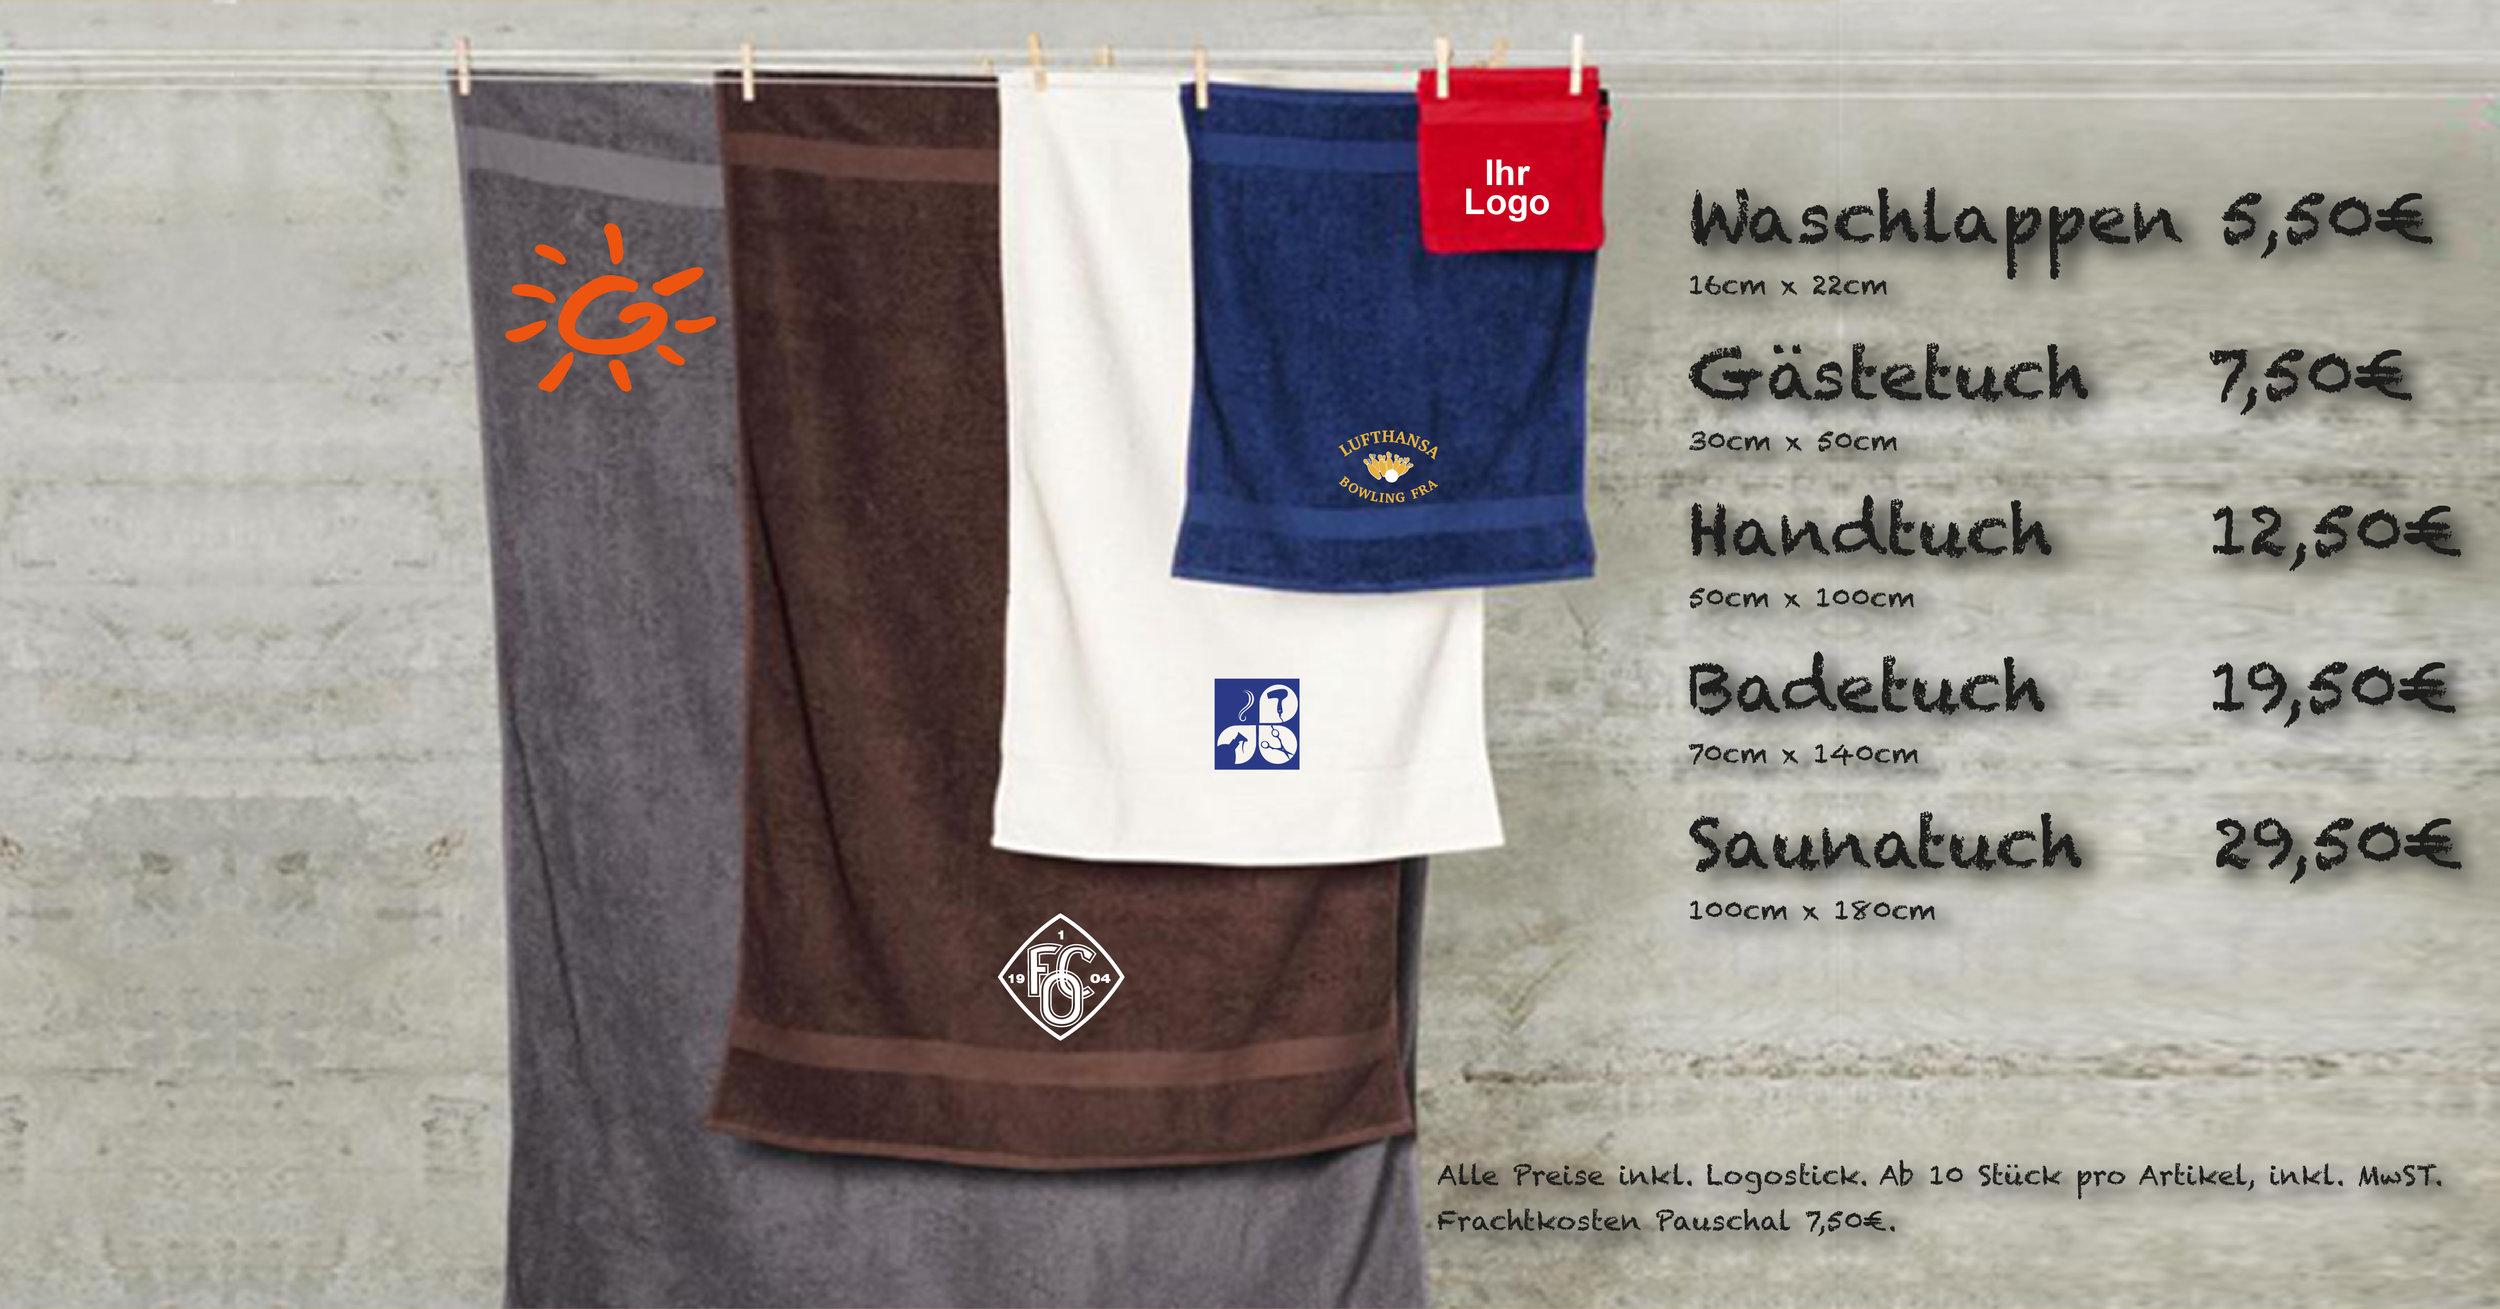 Billy-Textilstickerei - Handtücher.jpg